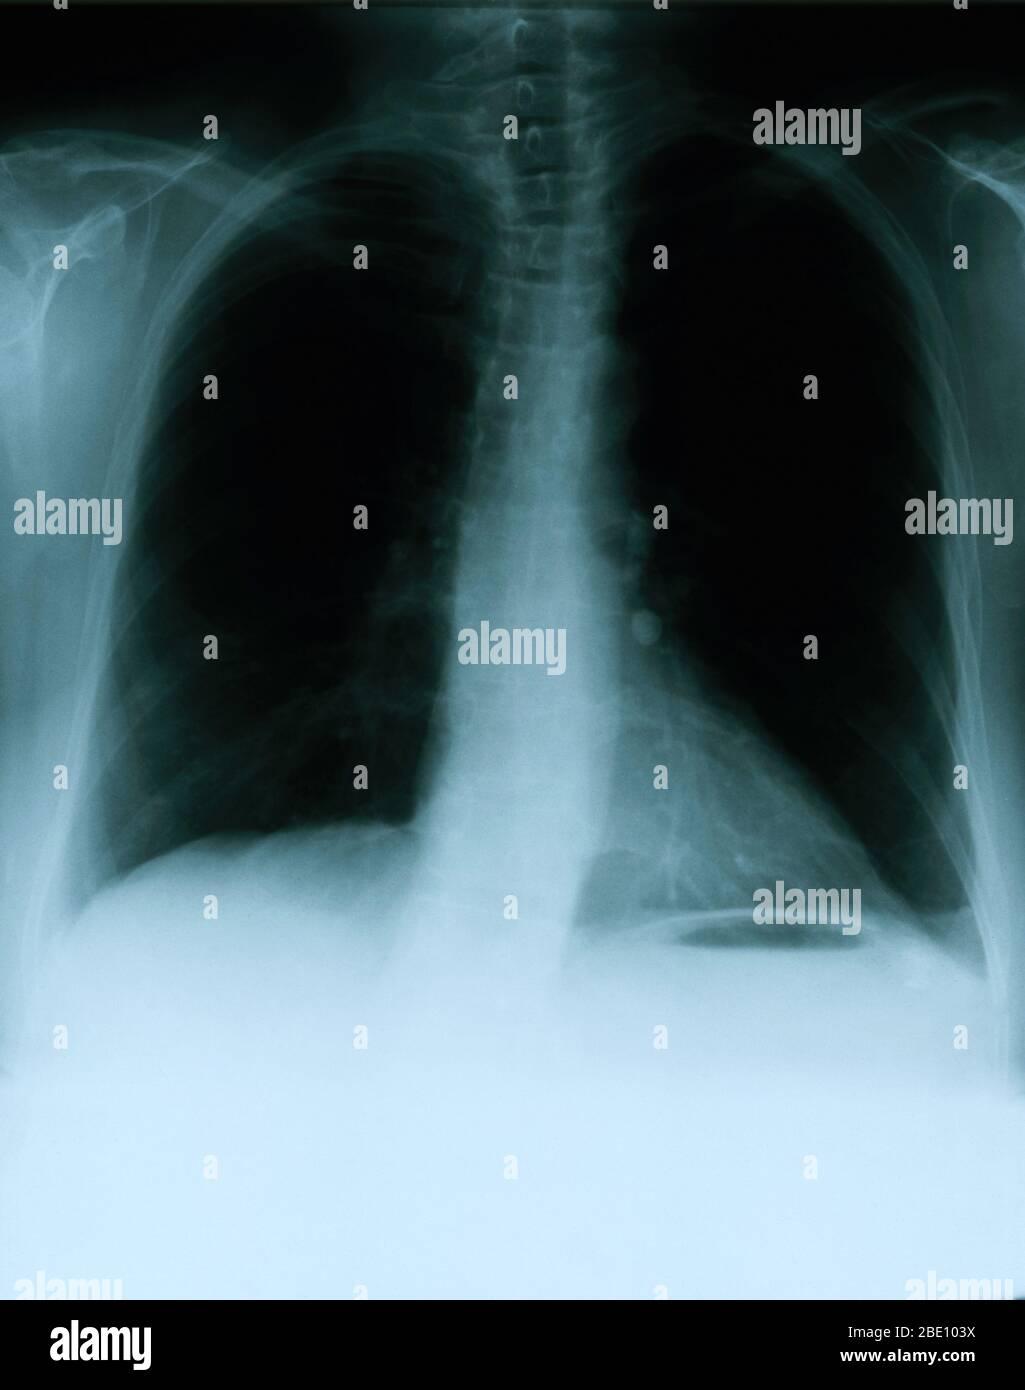 Röntgenaufnahme mit einer Frontansicht der Brust eines 54